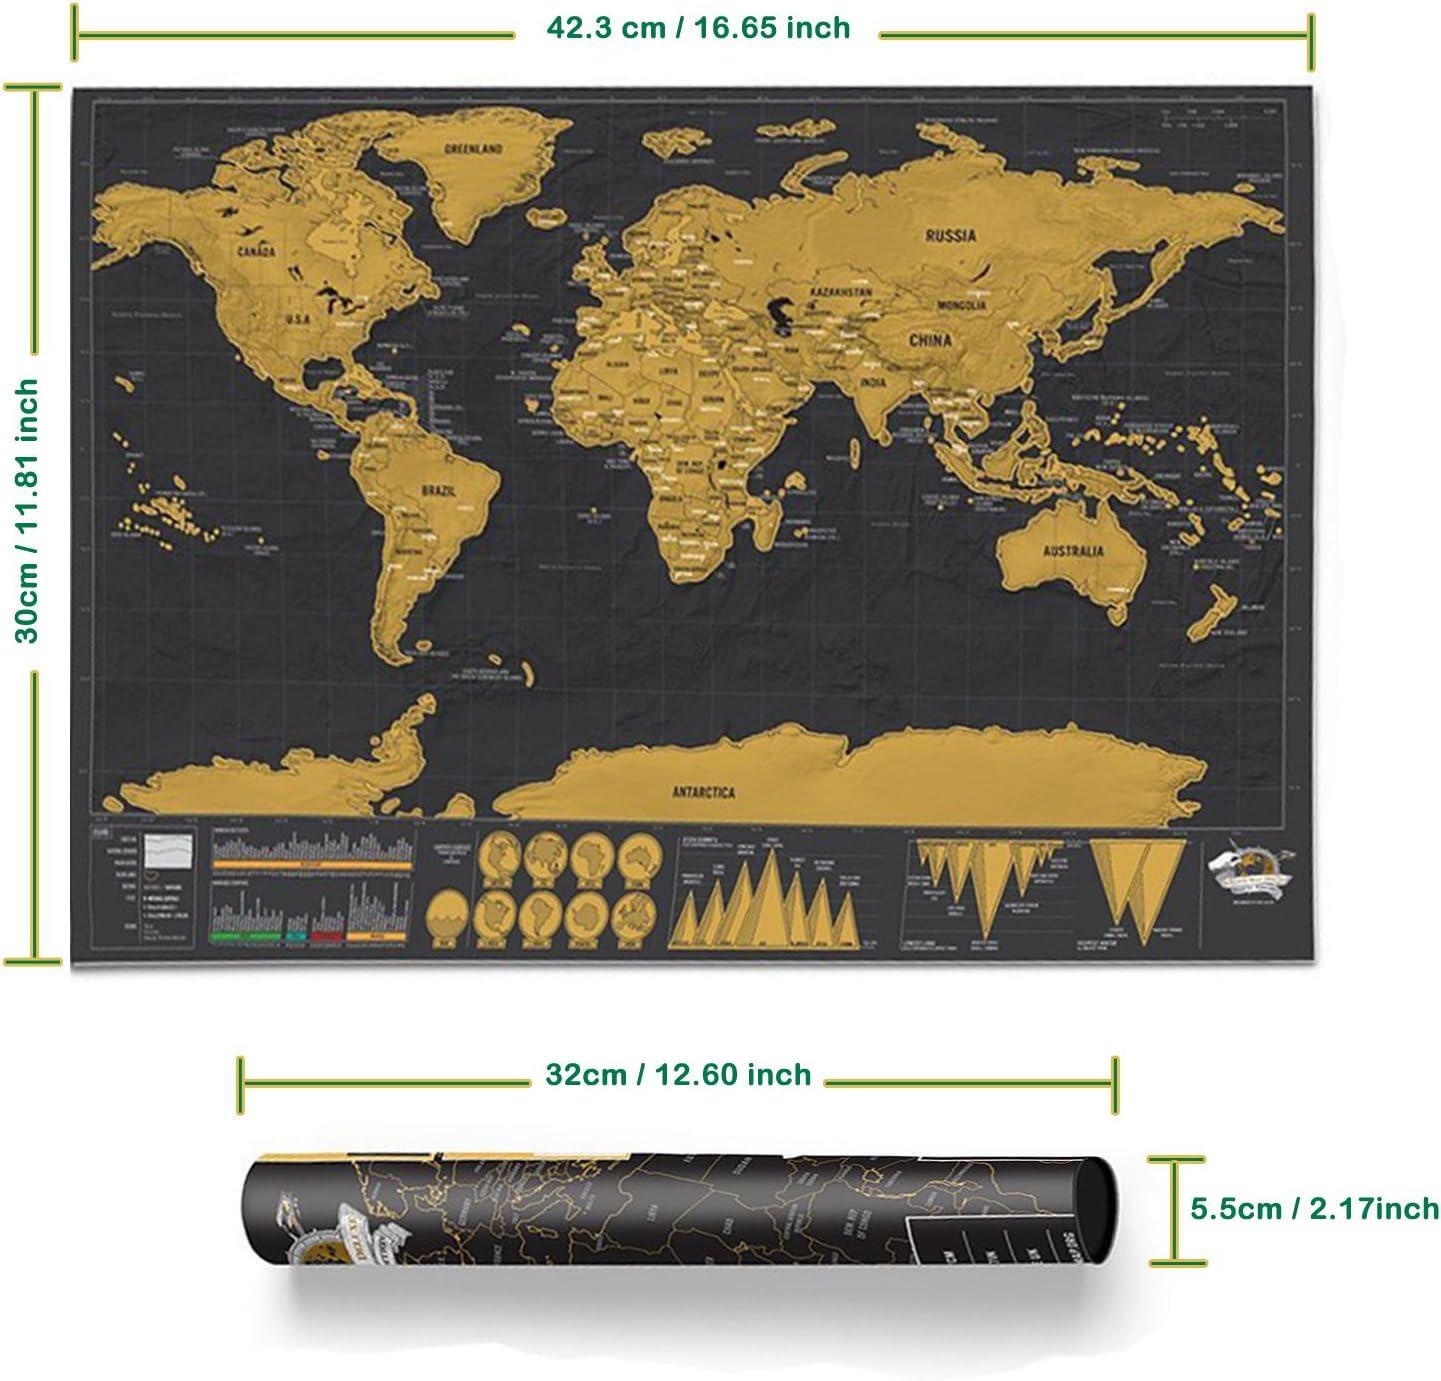 Mapa del Mundo para Rascar Deluxe Mapa mural para Rascar del Mundo Registra tus aventuras Perfecto para los Viajeros/ Exploradores/ Coleccionistas (Negro| 42.3 x 30 cm): Amazon.es: Juguetes y juegos